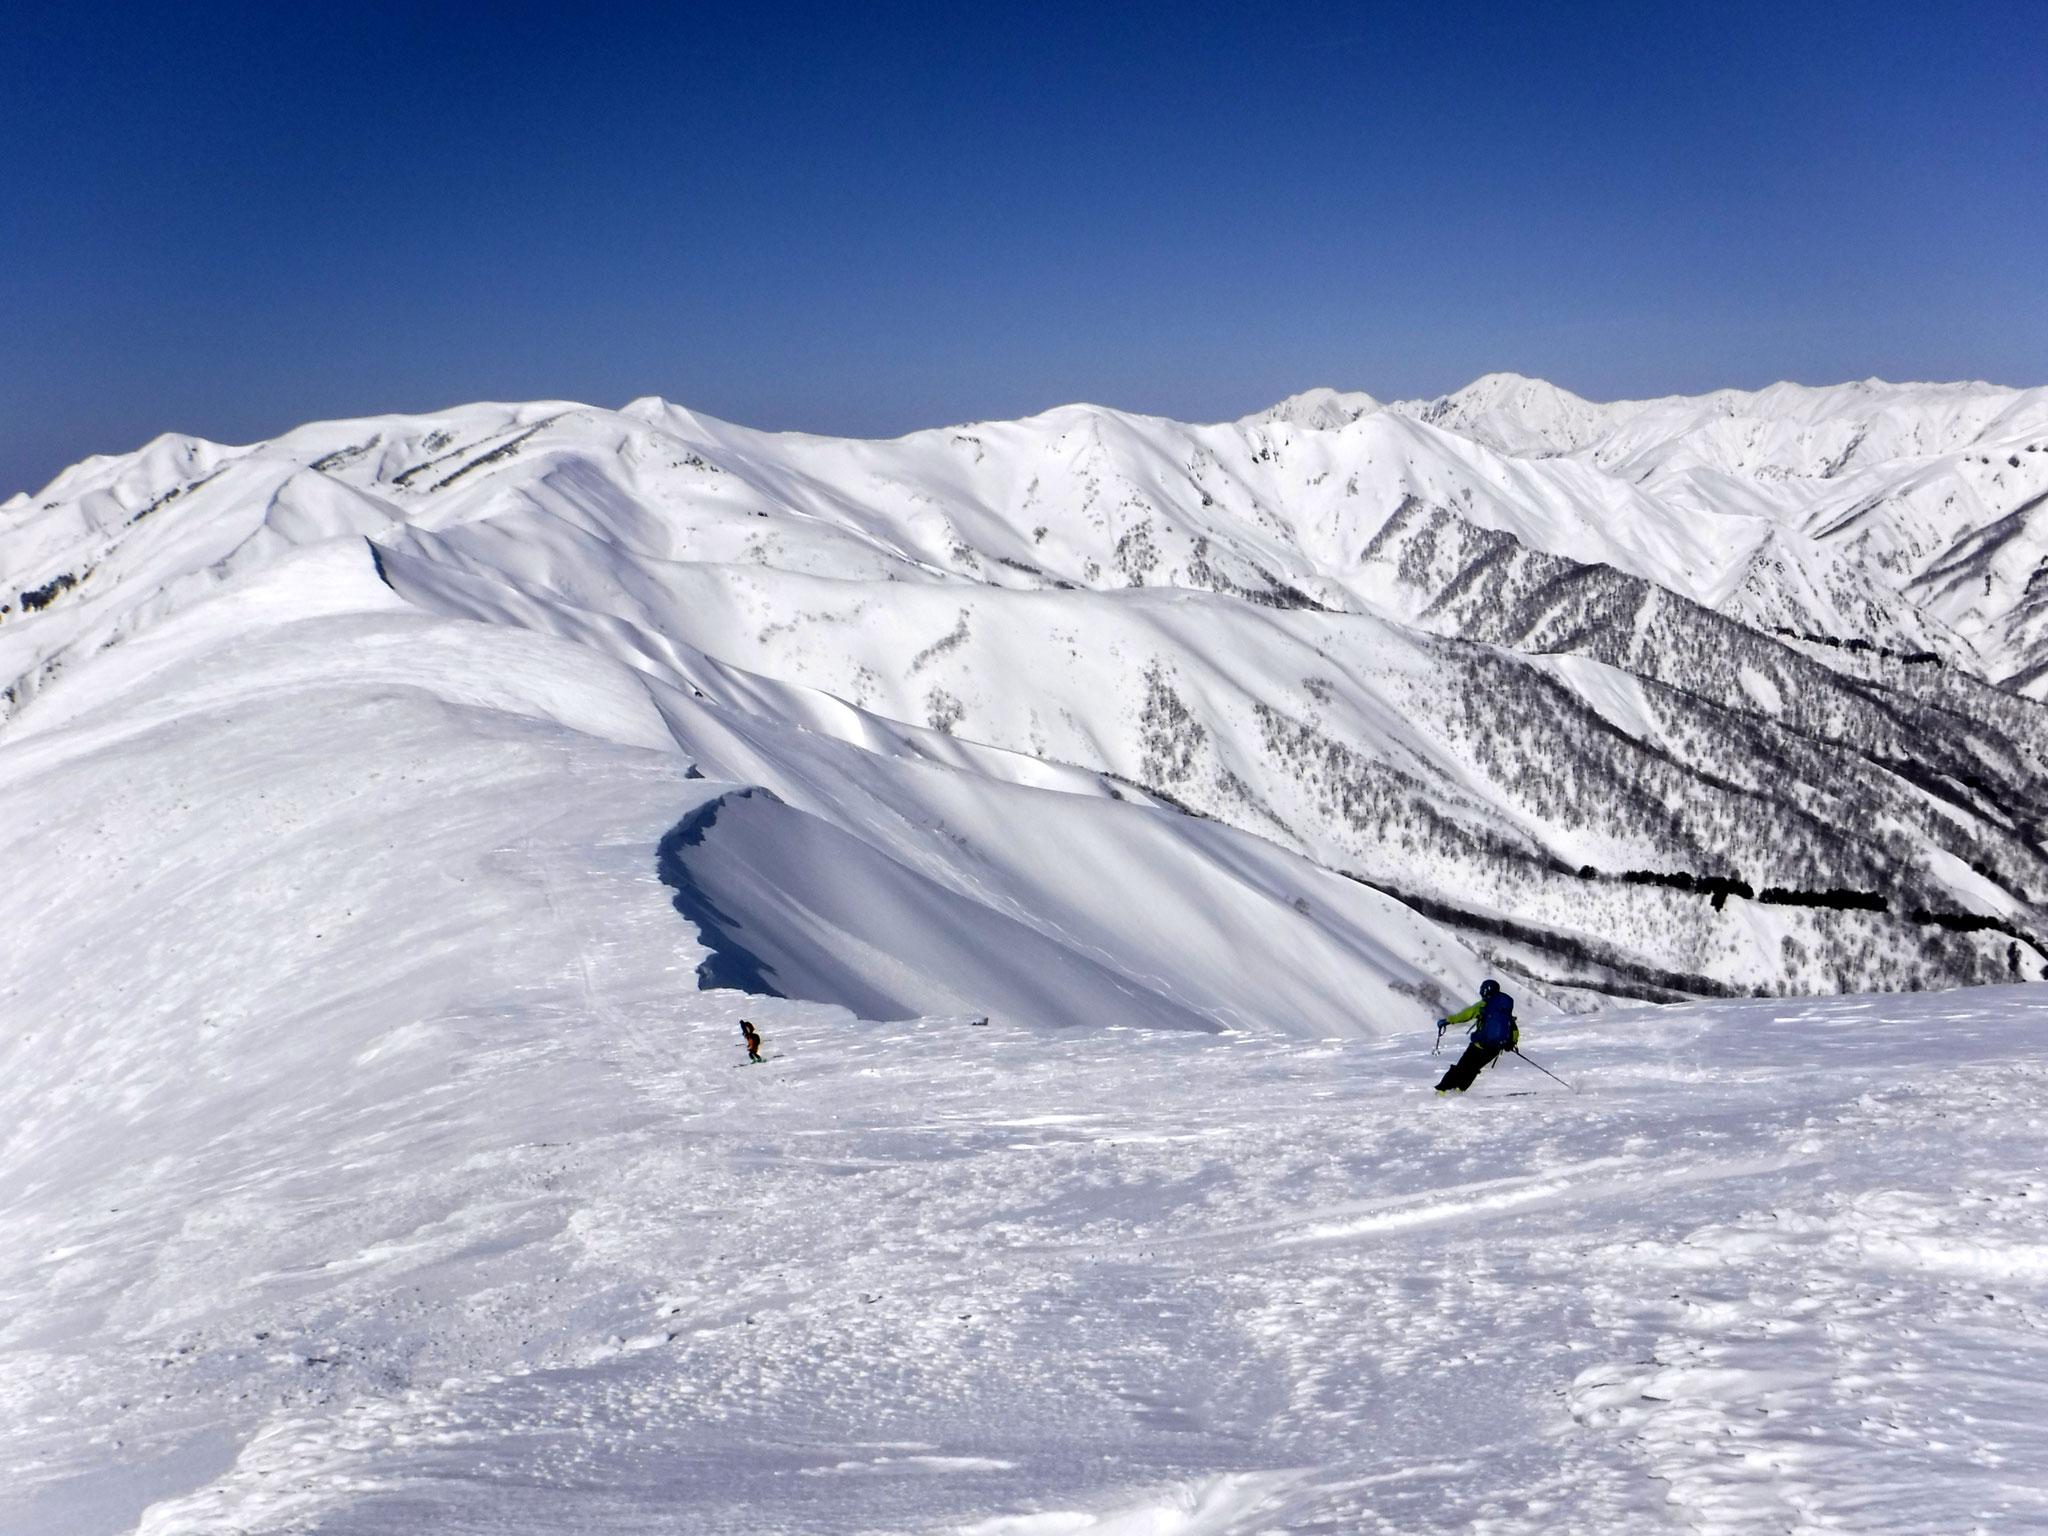 13:40 山頂北面の稜線、雪質まずまず